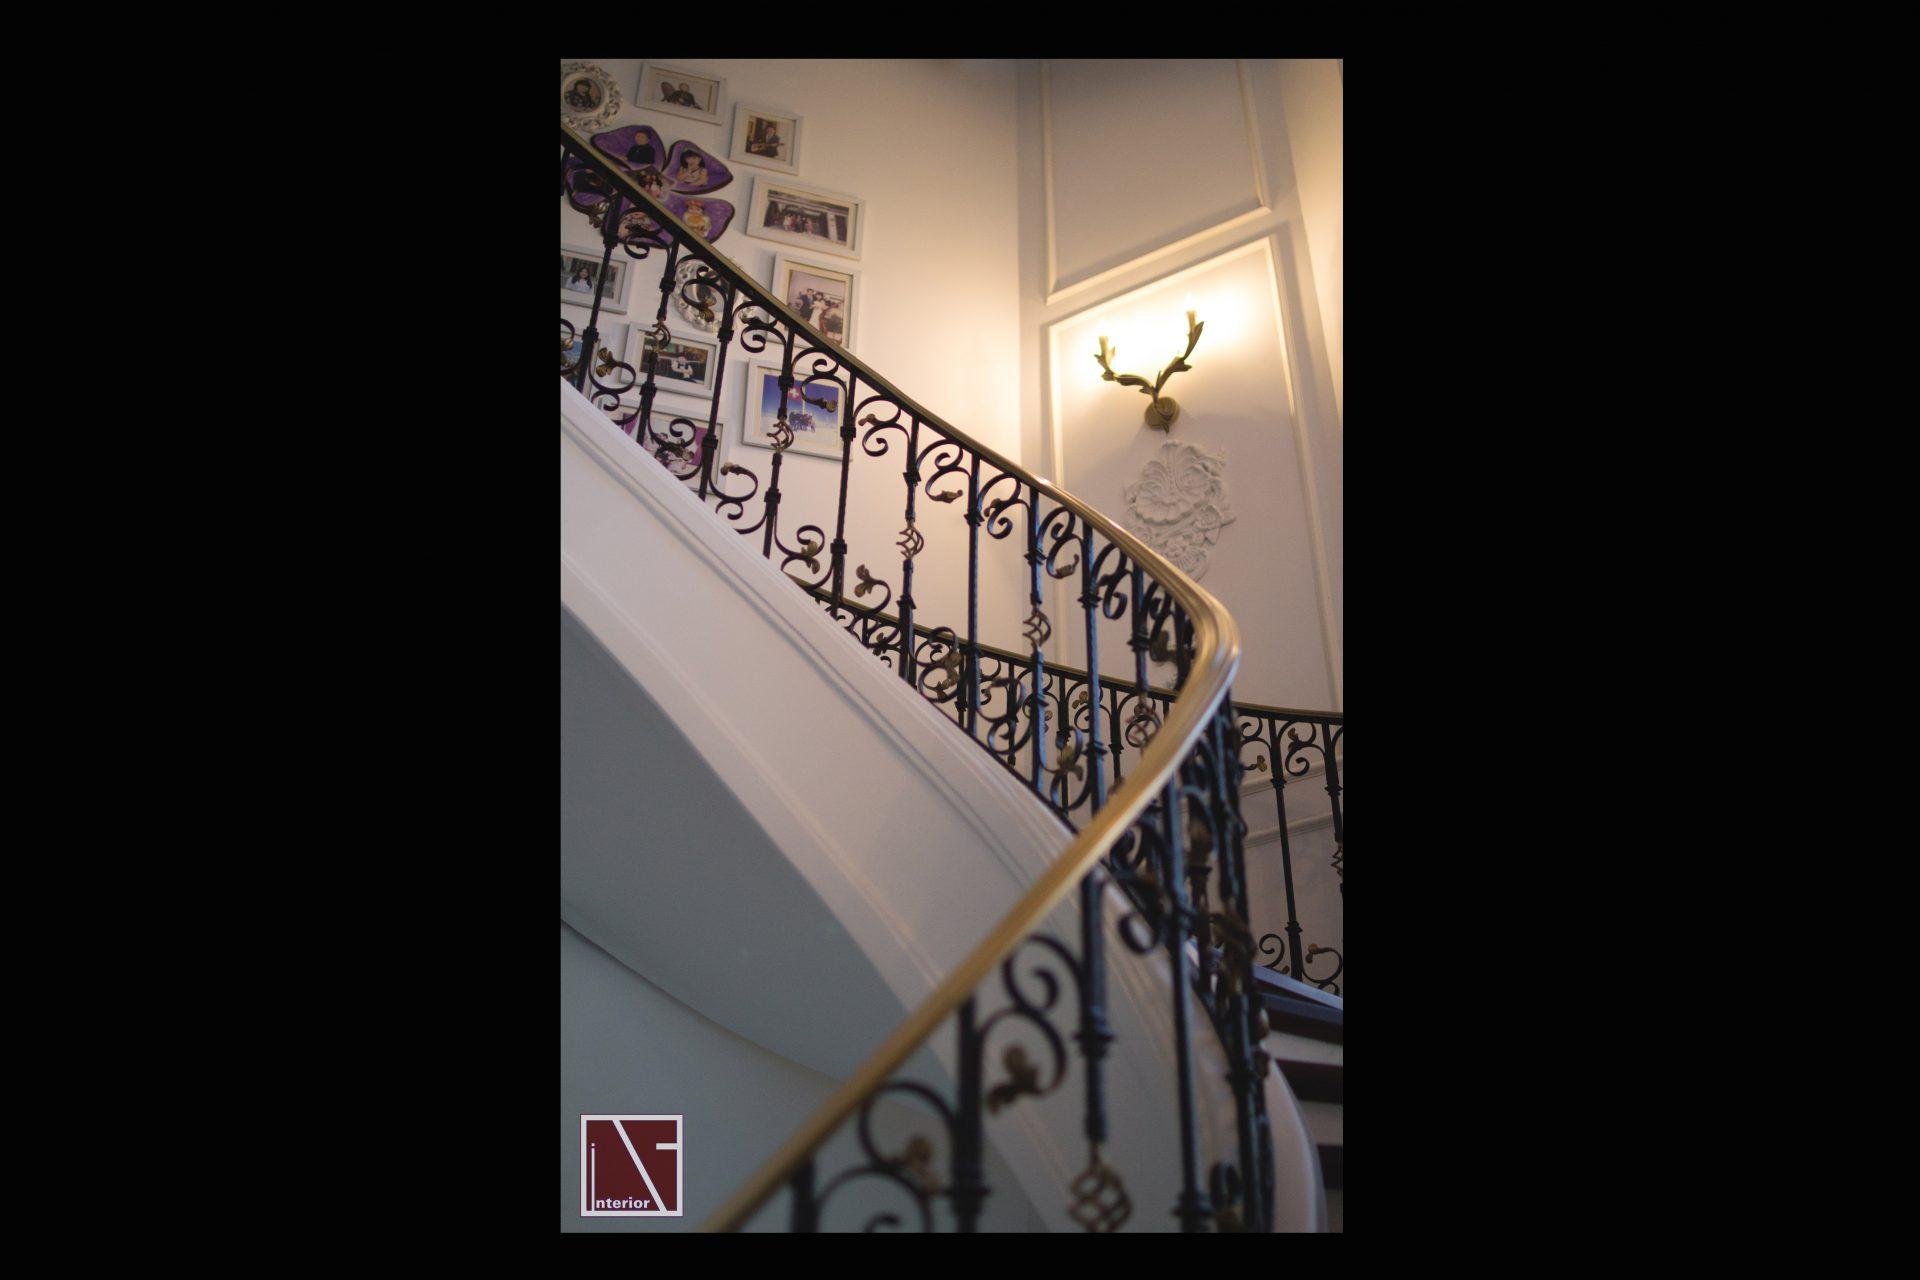 Hành lang | Hallway